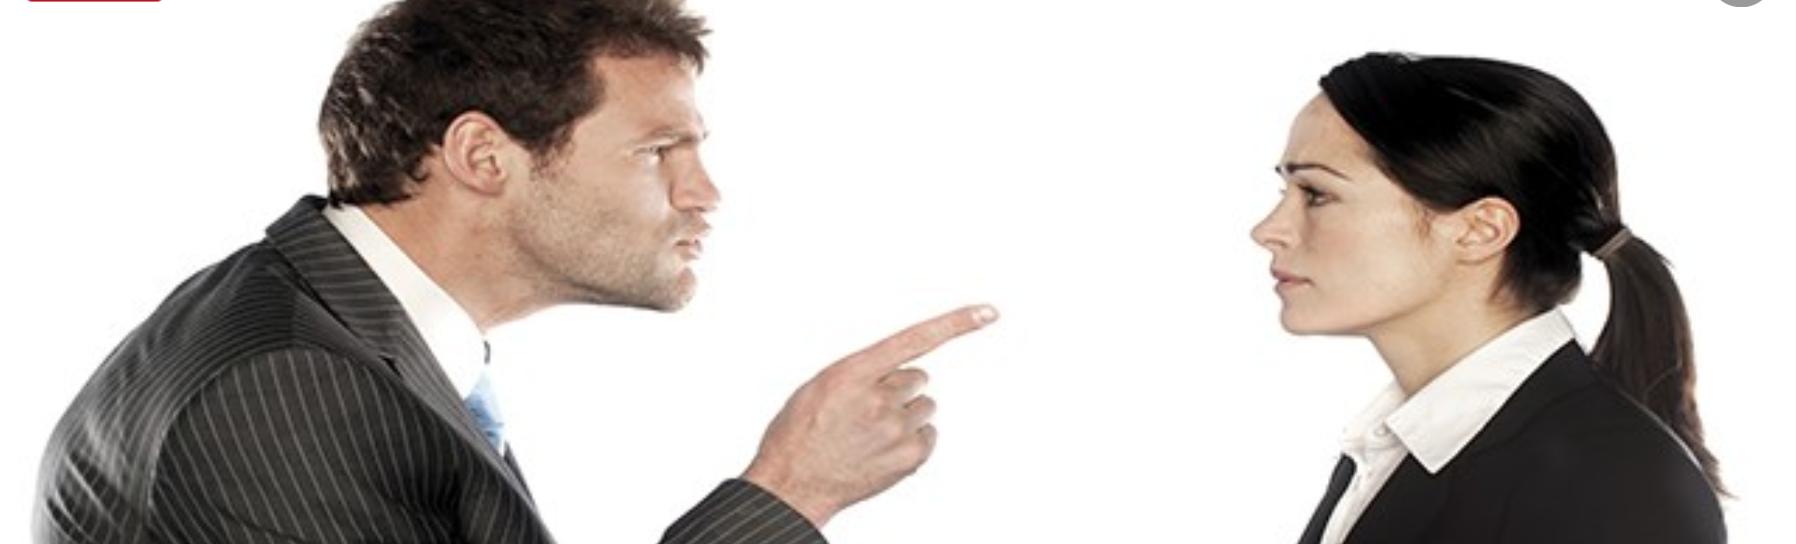 hogyan válj jobb vezetővé vállalkozásodban?